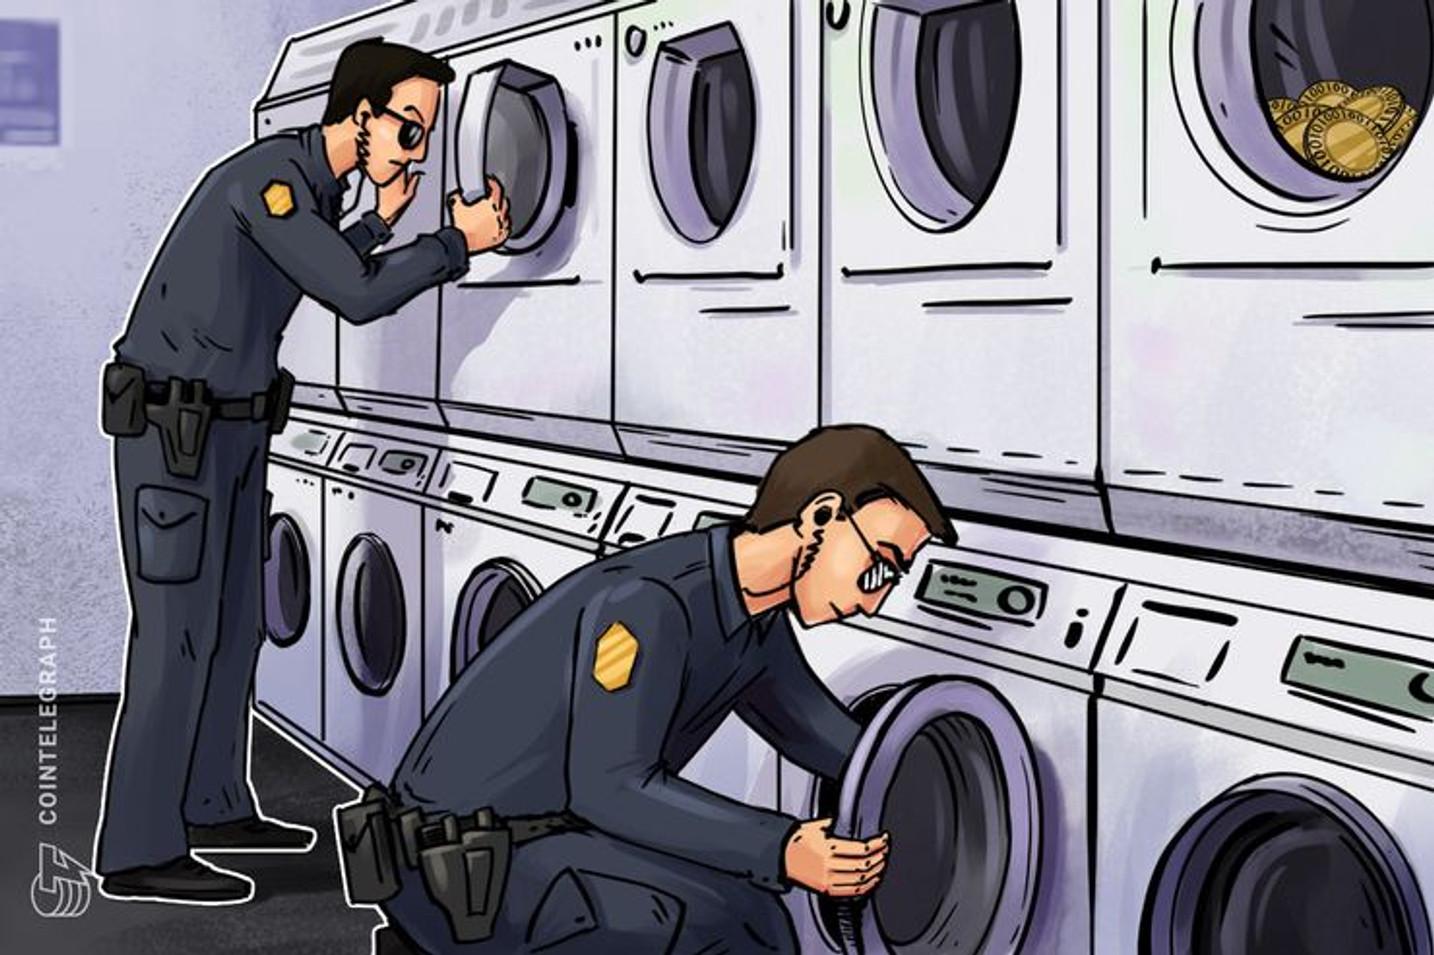 México: La CNBV trabaja con el sector fintech para informar sobre prevención de lavado de dinero